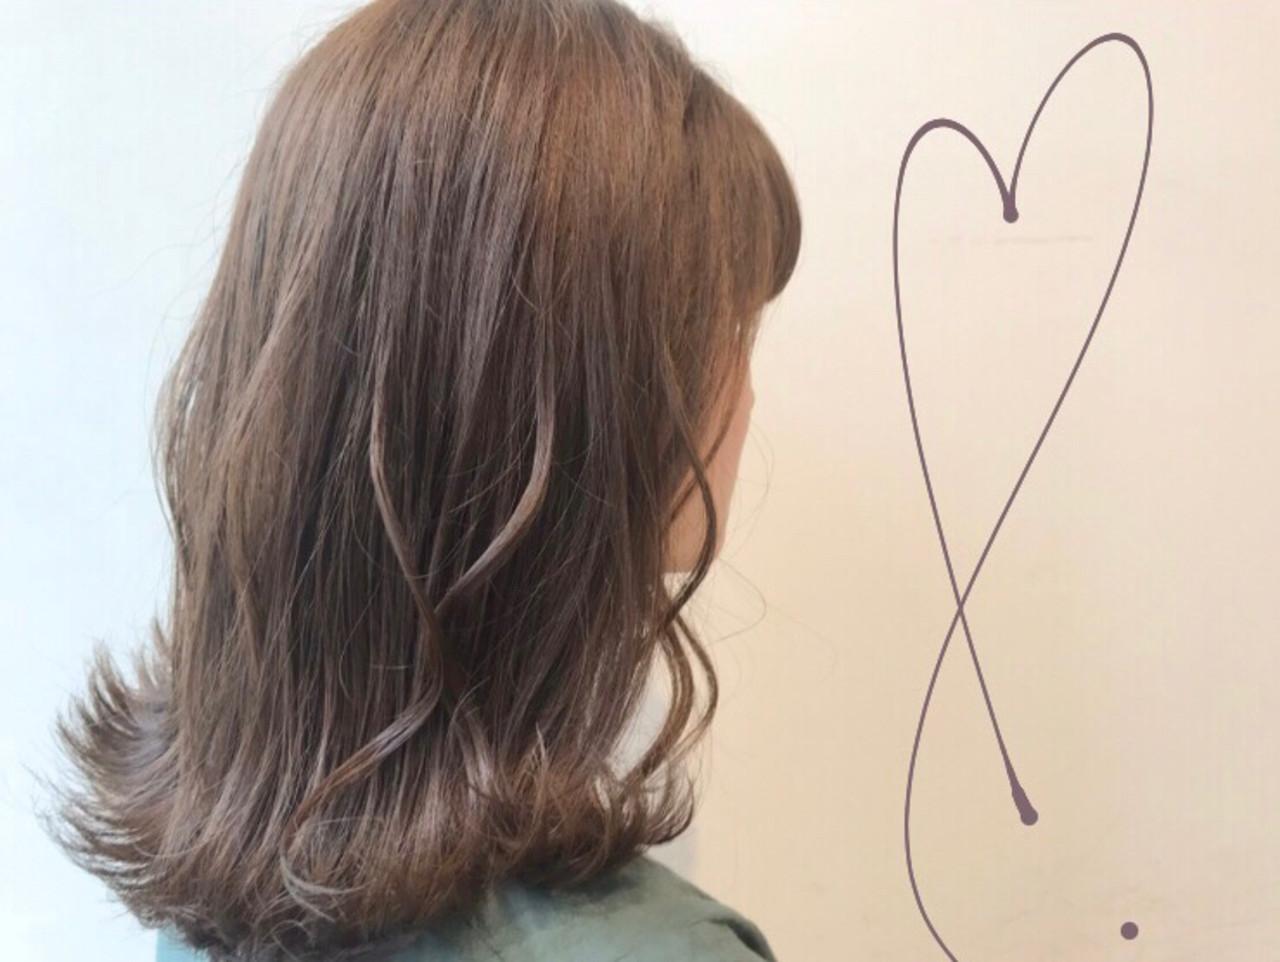 オリーブベージュ ミルクティーアッシュ ブリーチ無し ミルクティーグレージュ ヘアスタイルや髪型の写真・画像